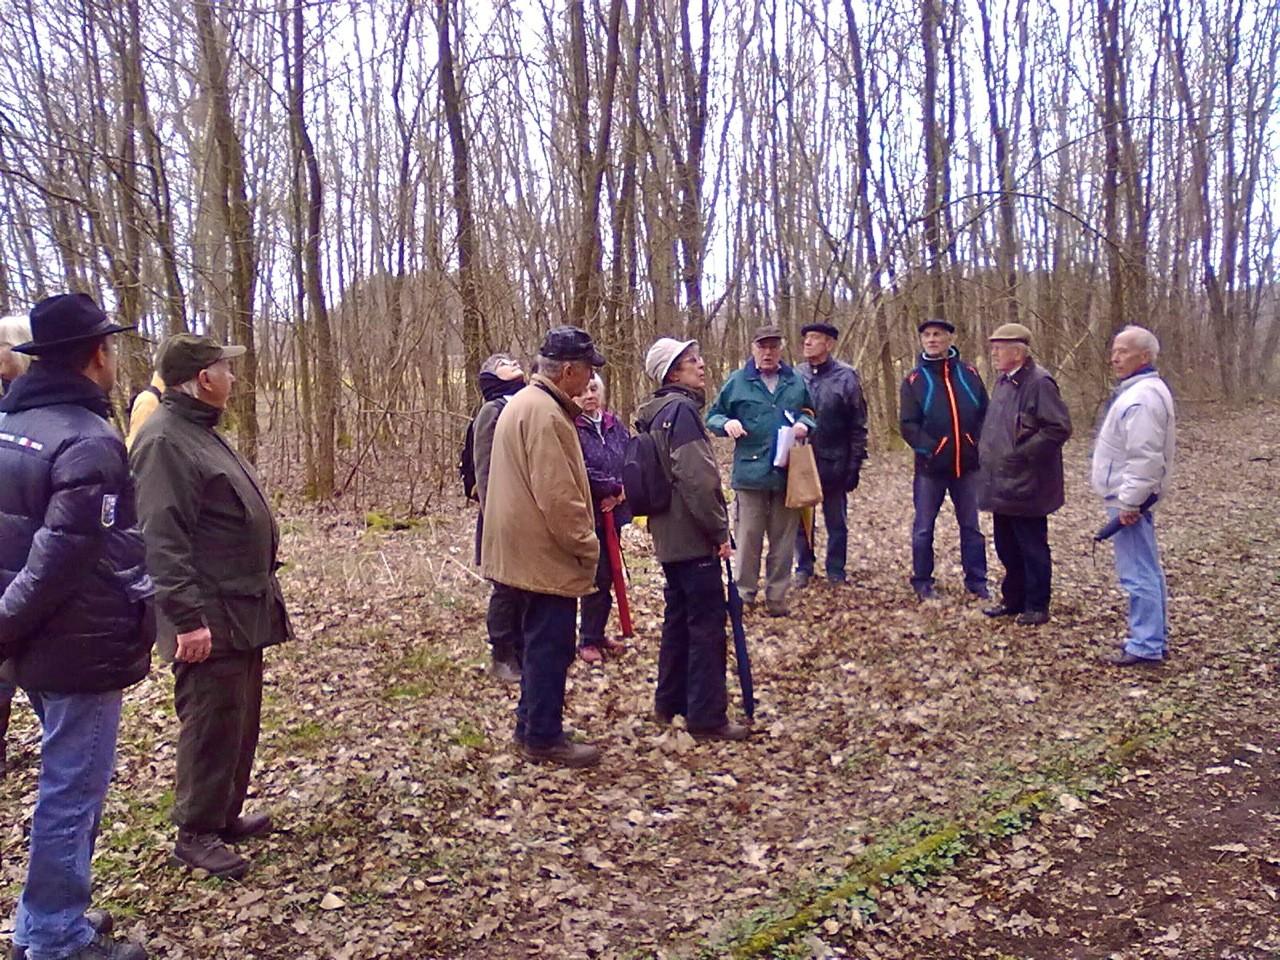 Volker Vömel zeigte im Wald auch verstecke Zeugnisse längst vergangener Kulturen…